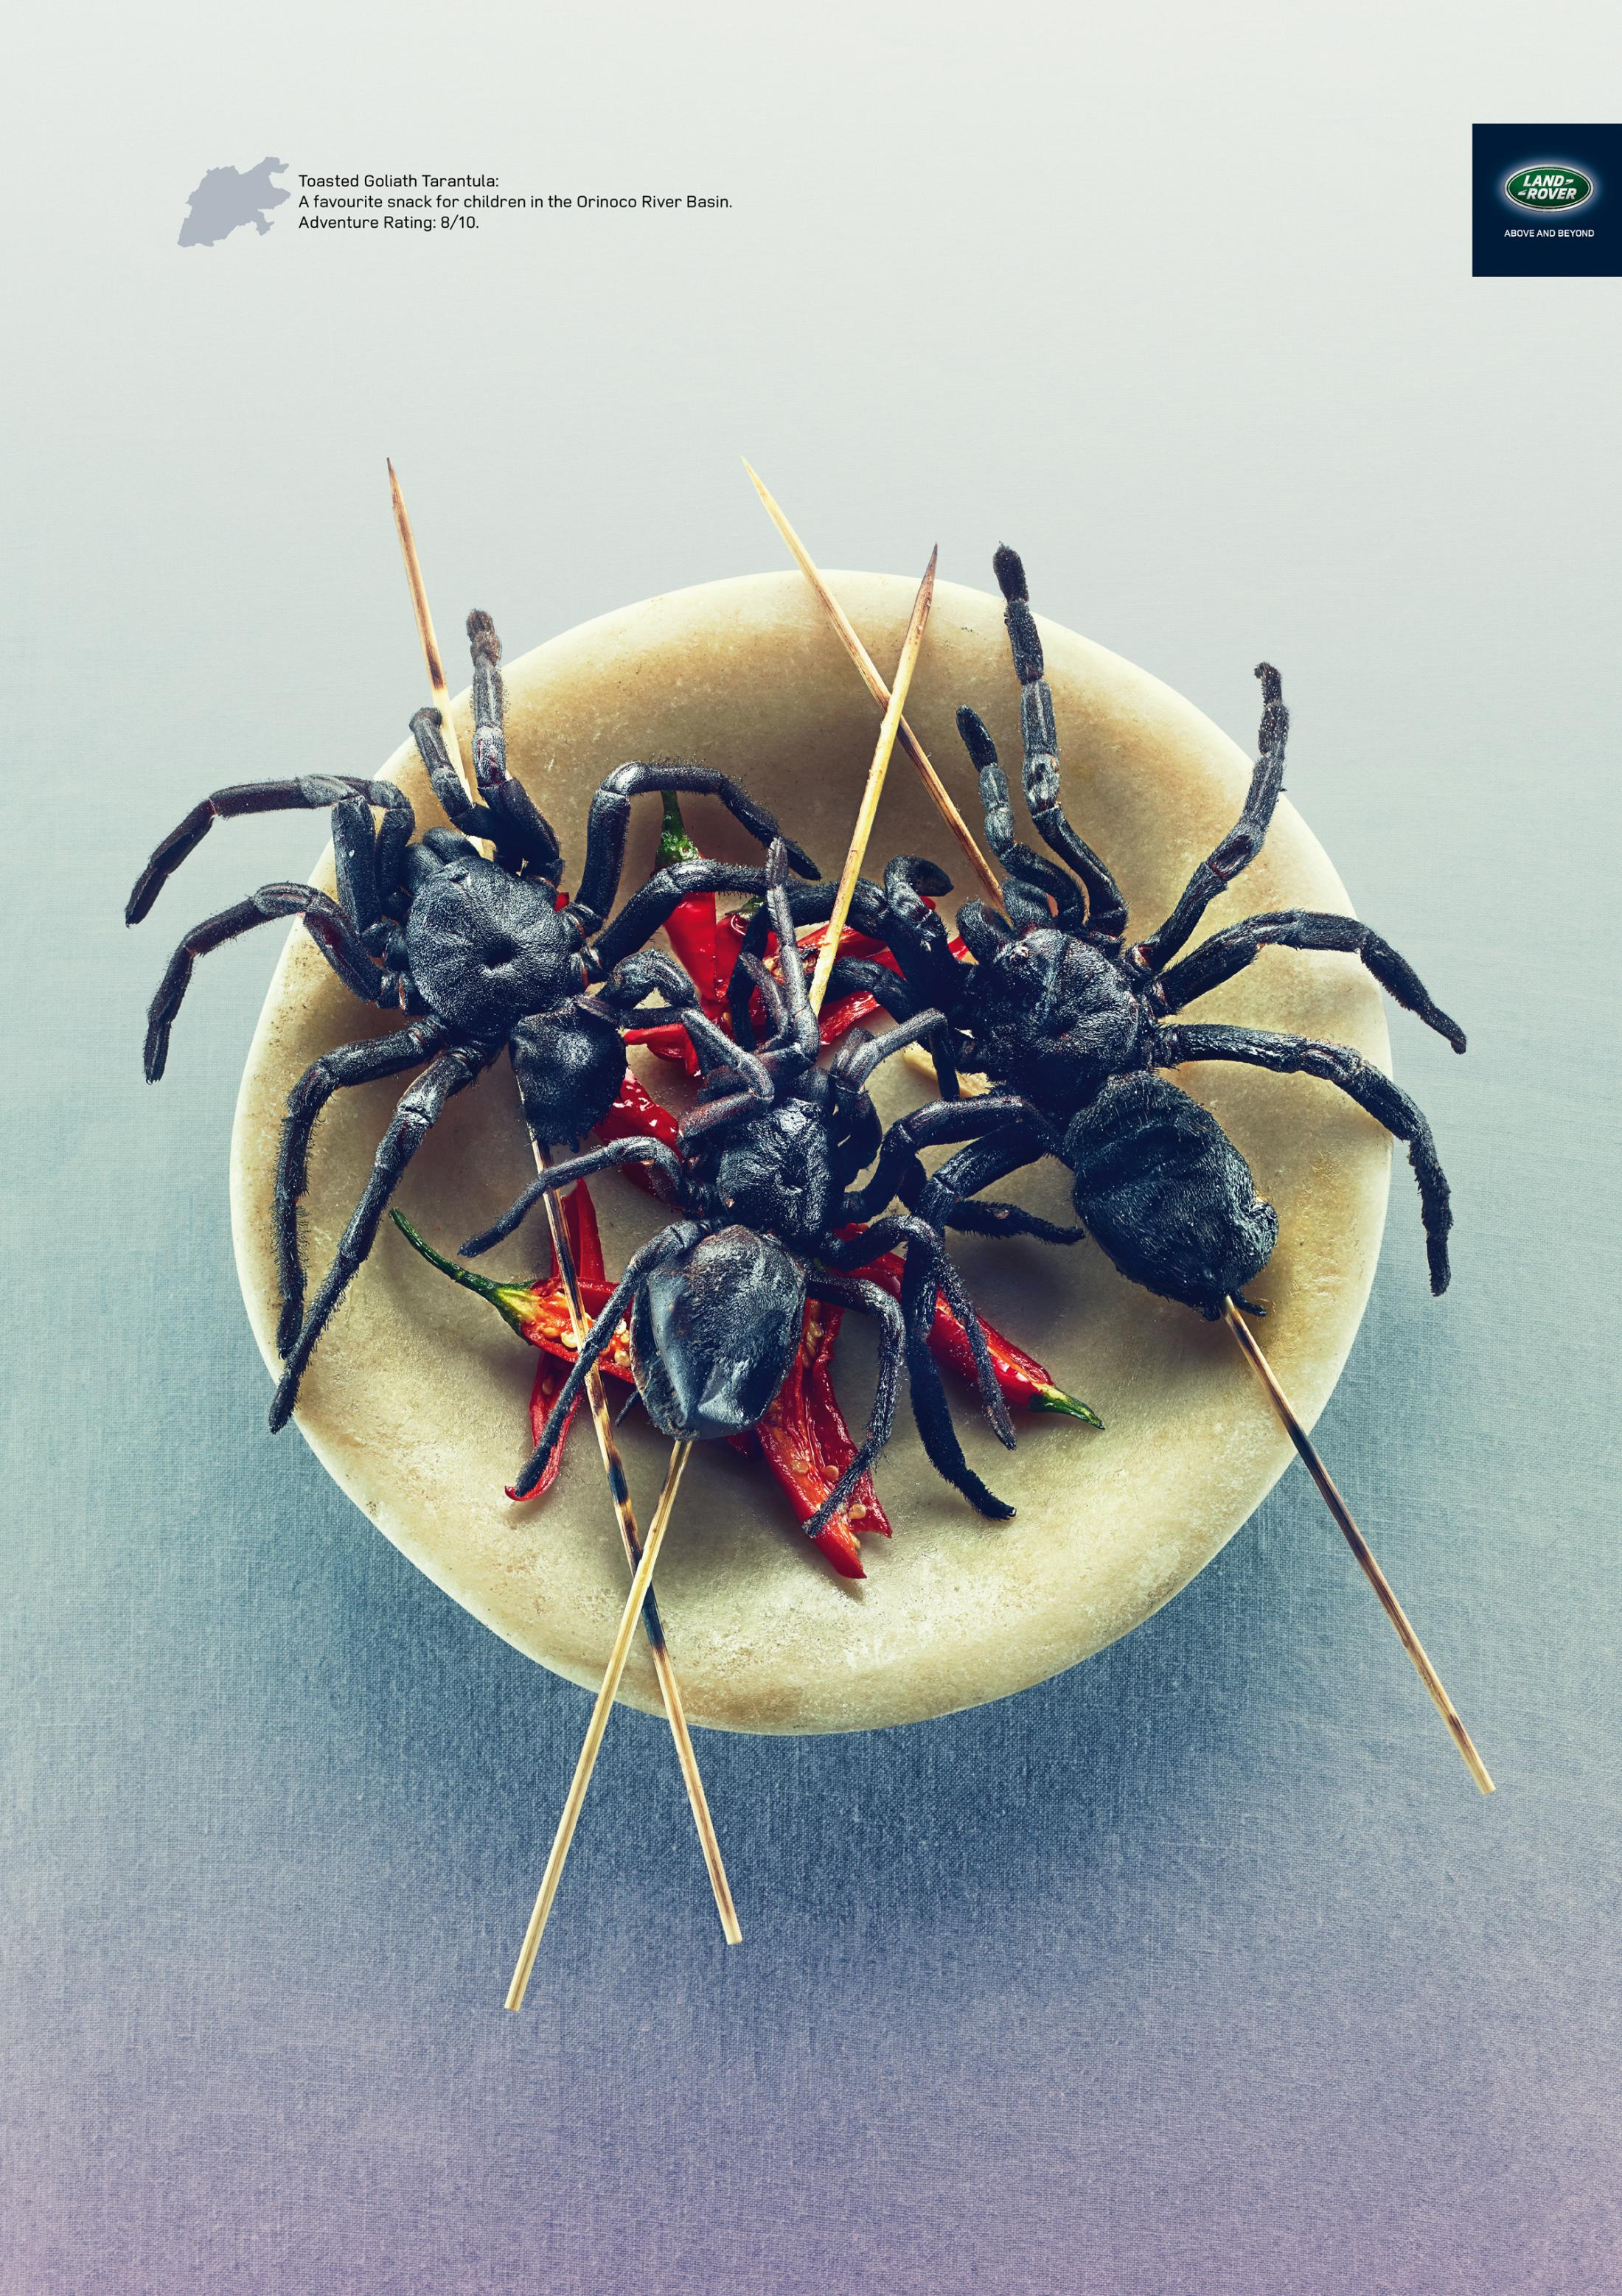 Thumbnail for Goliath Tarantula